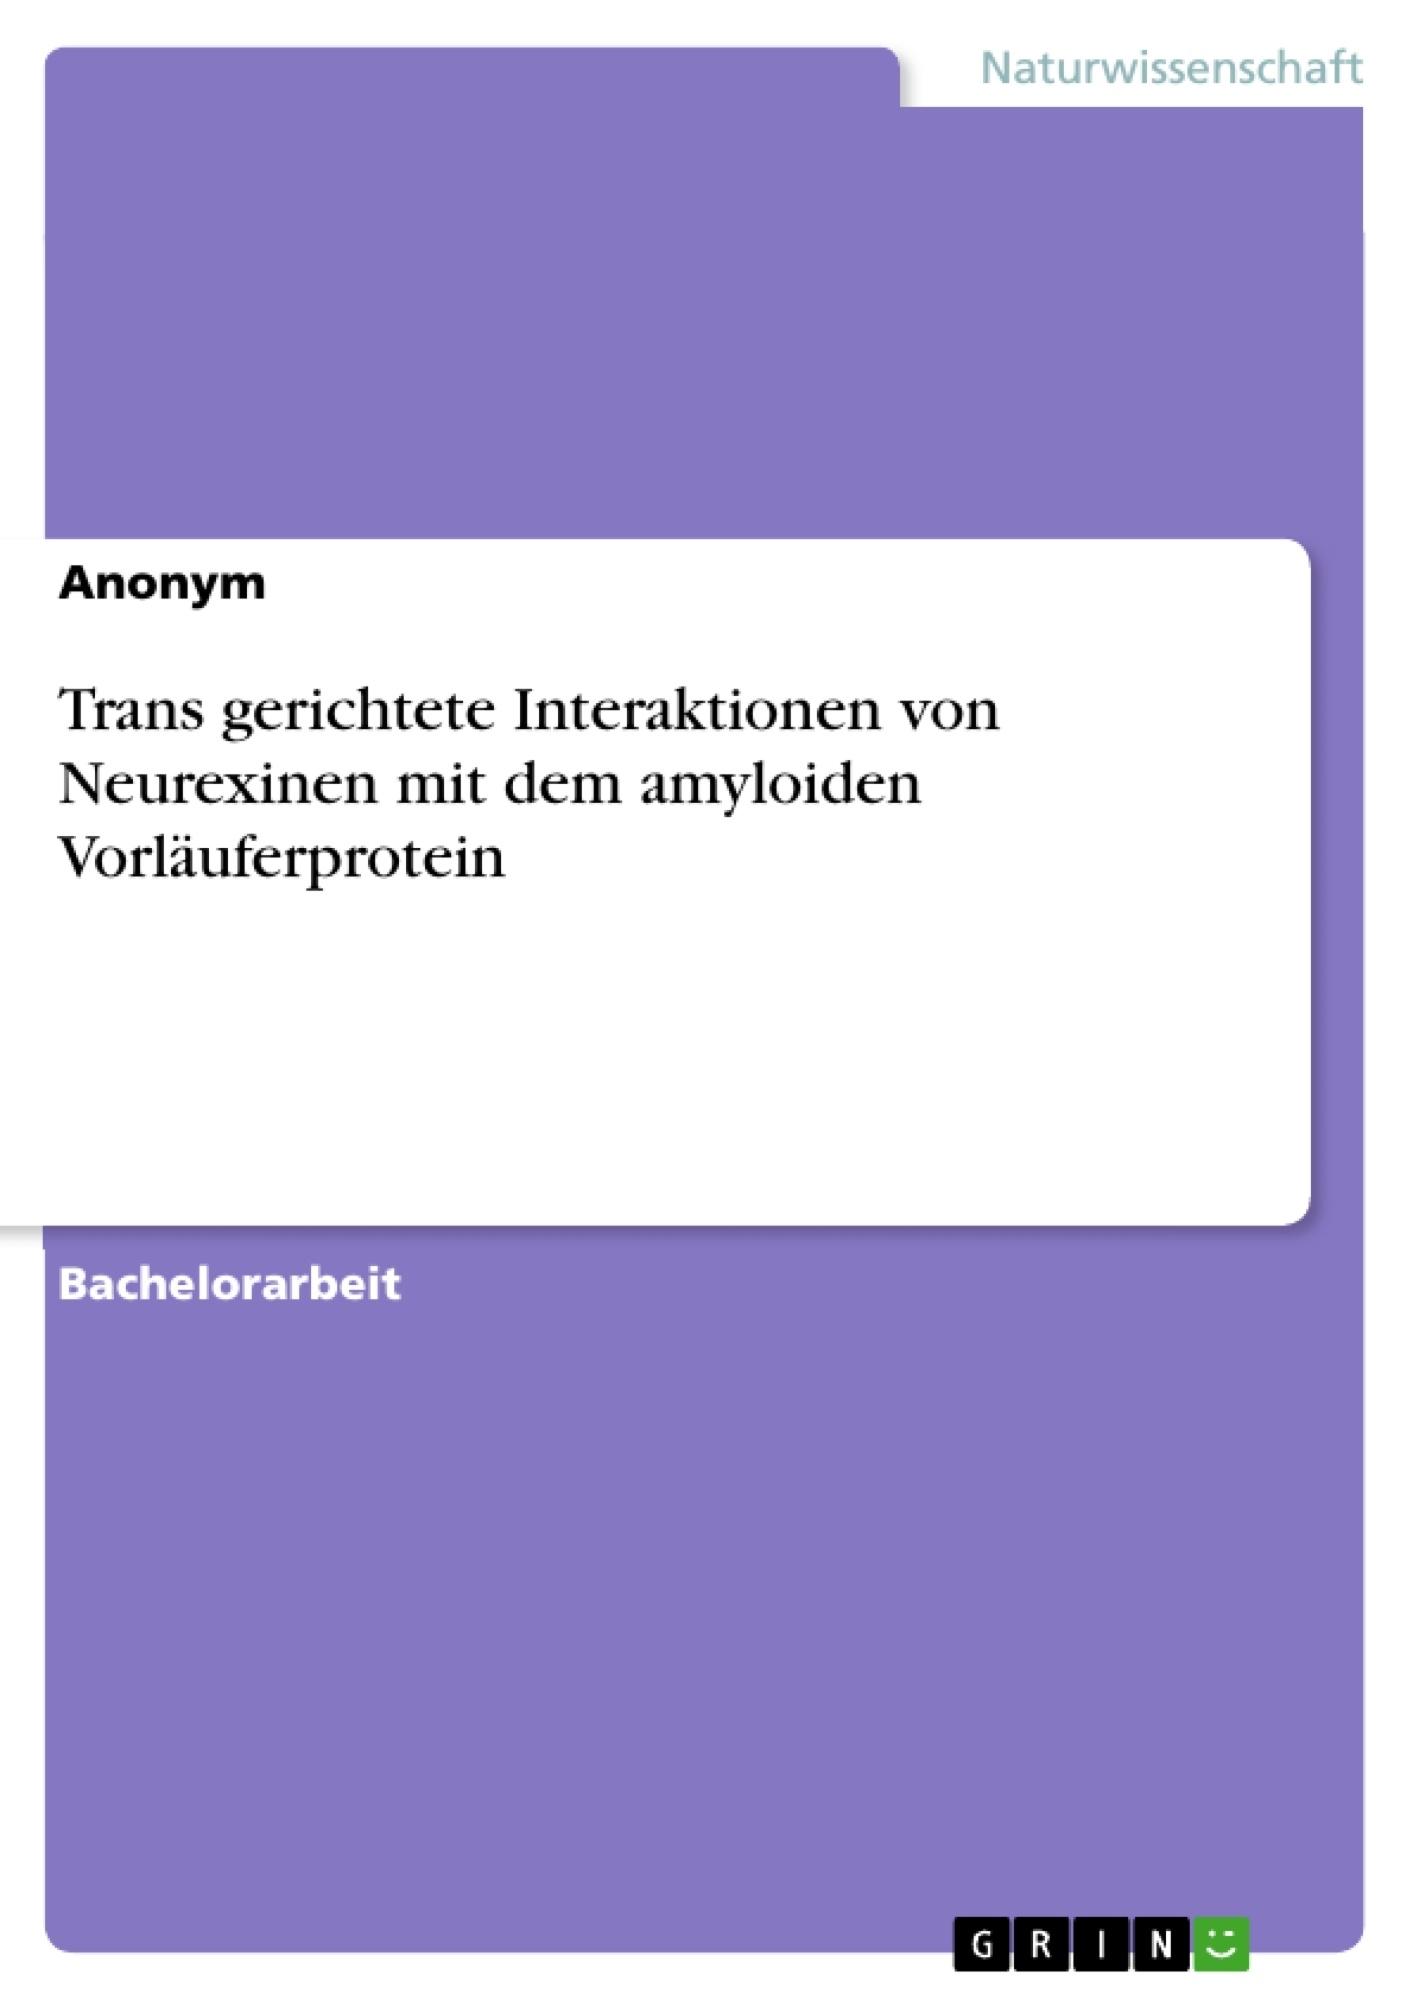 Titel: Trans gerichtete Interaktionen von Neurexinen mit dem amyloiden Vorläuferprotein